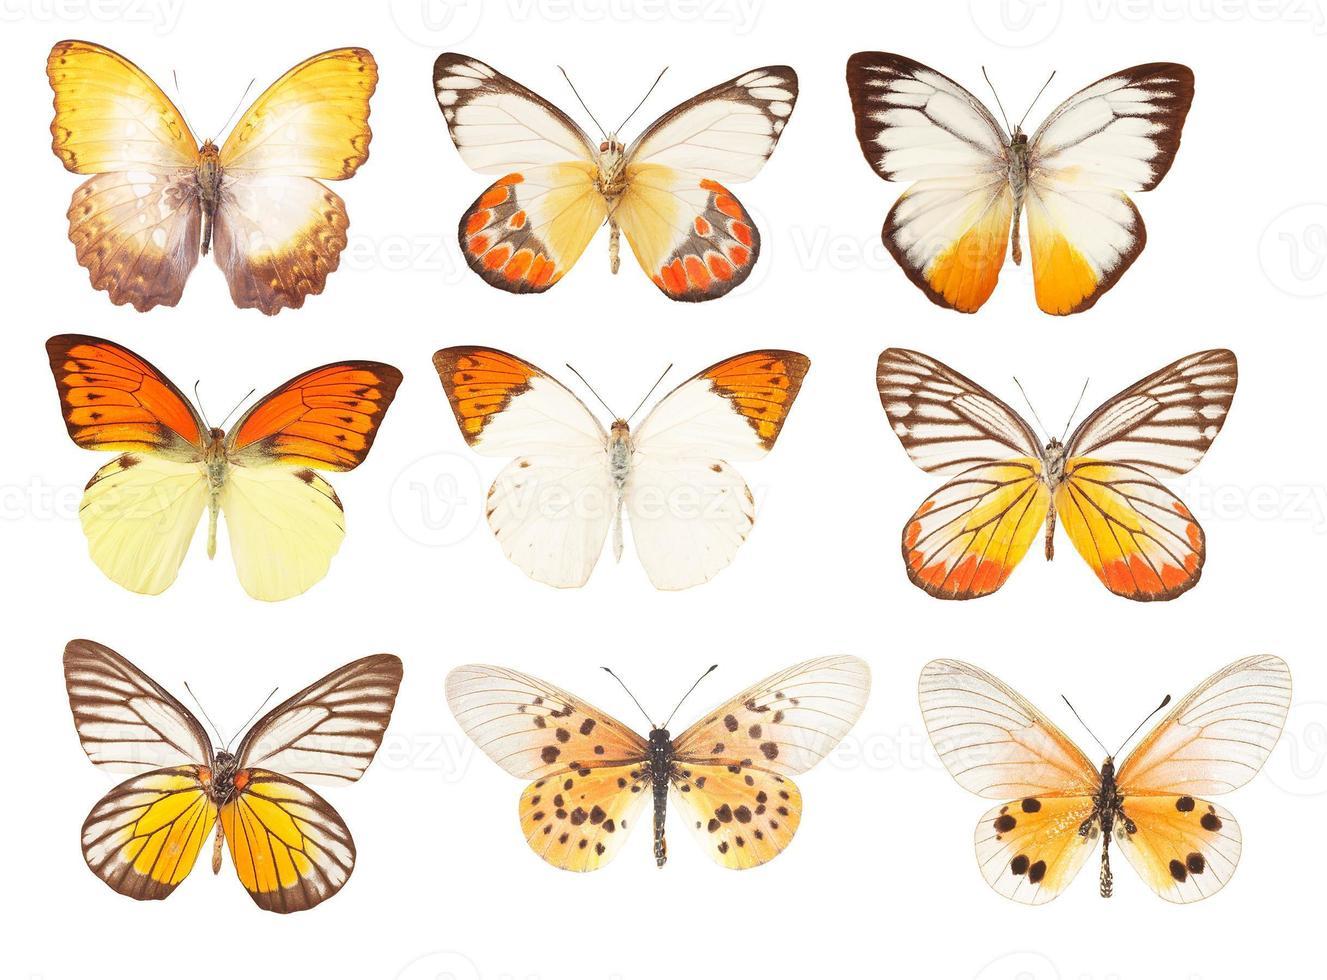 gelber Schmetterling auf weißem Hintergrund foto